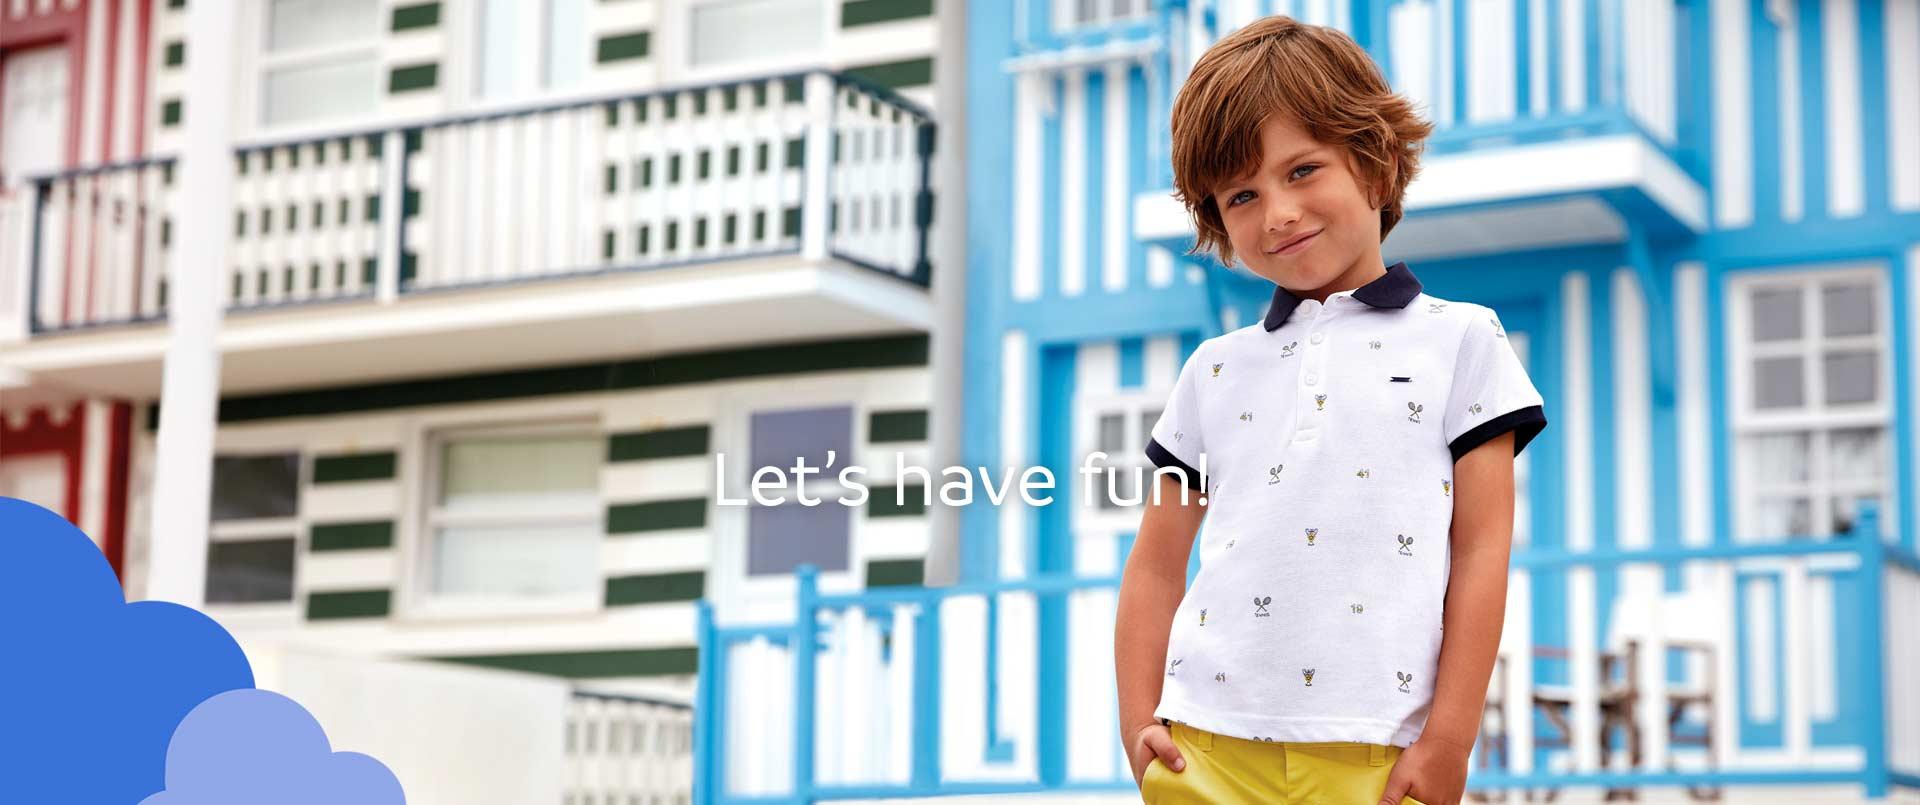 62a8d78e71c Moda infantile